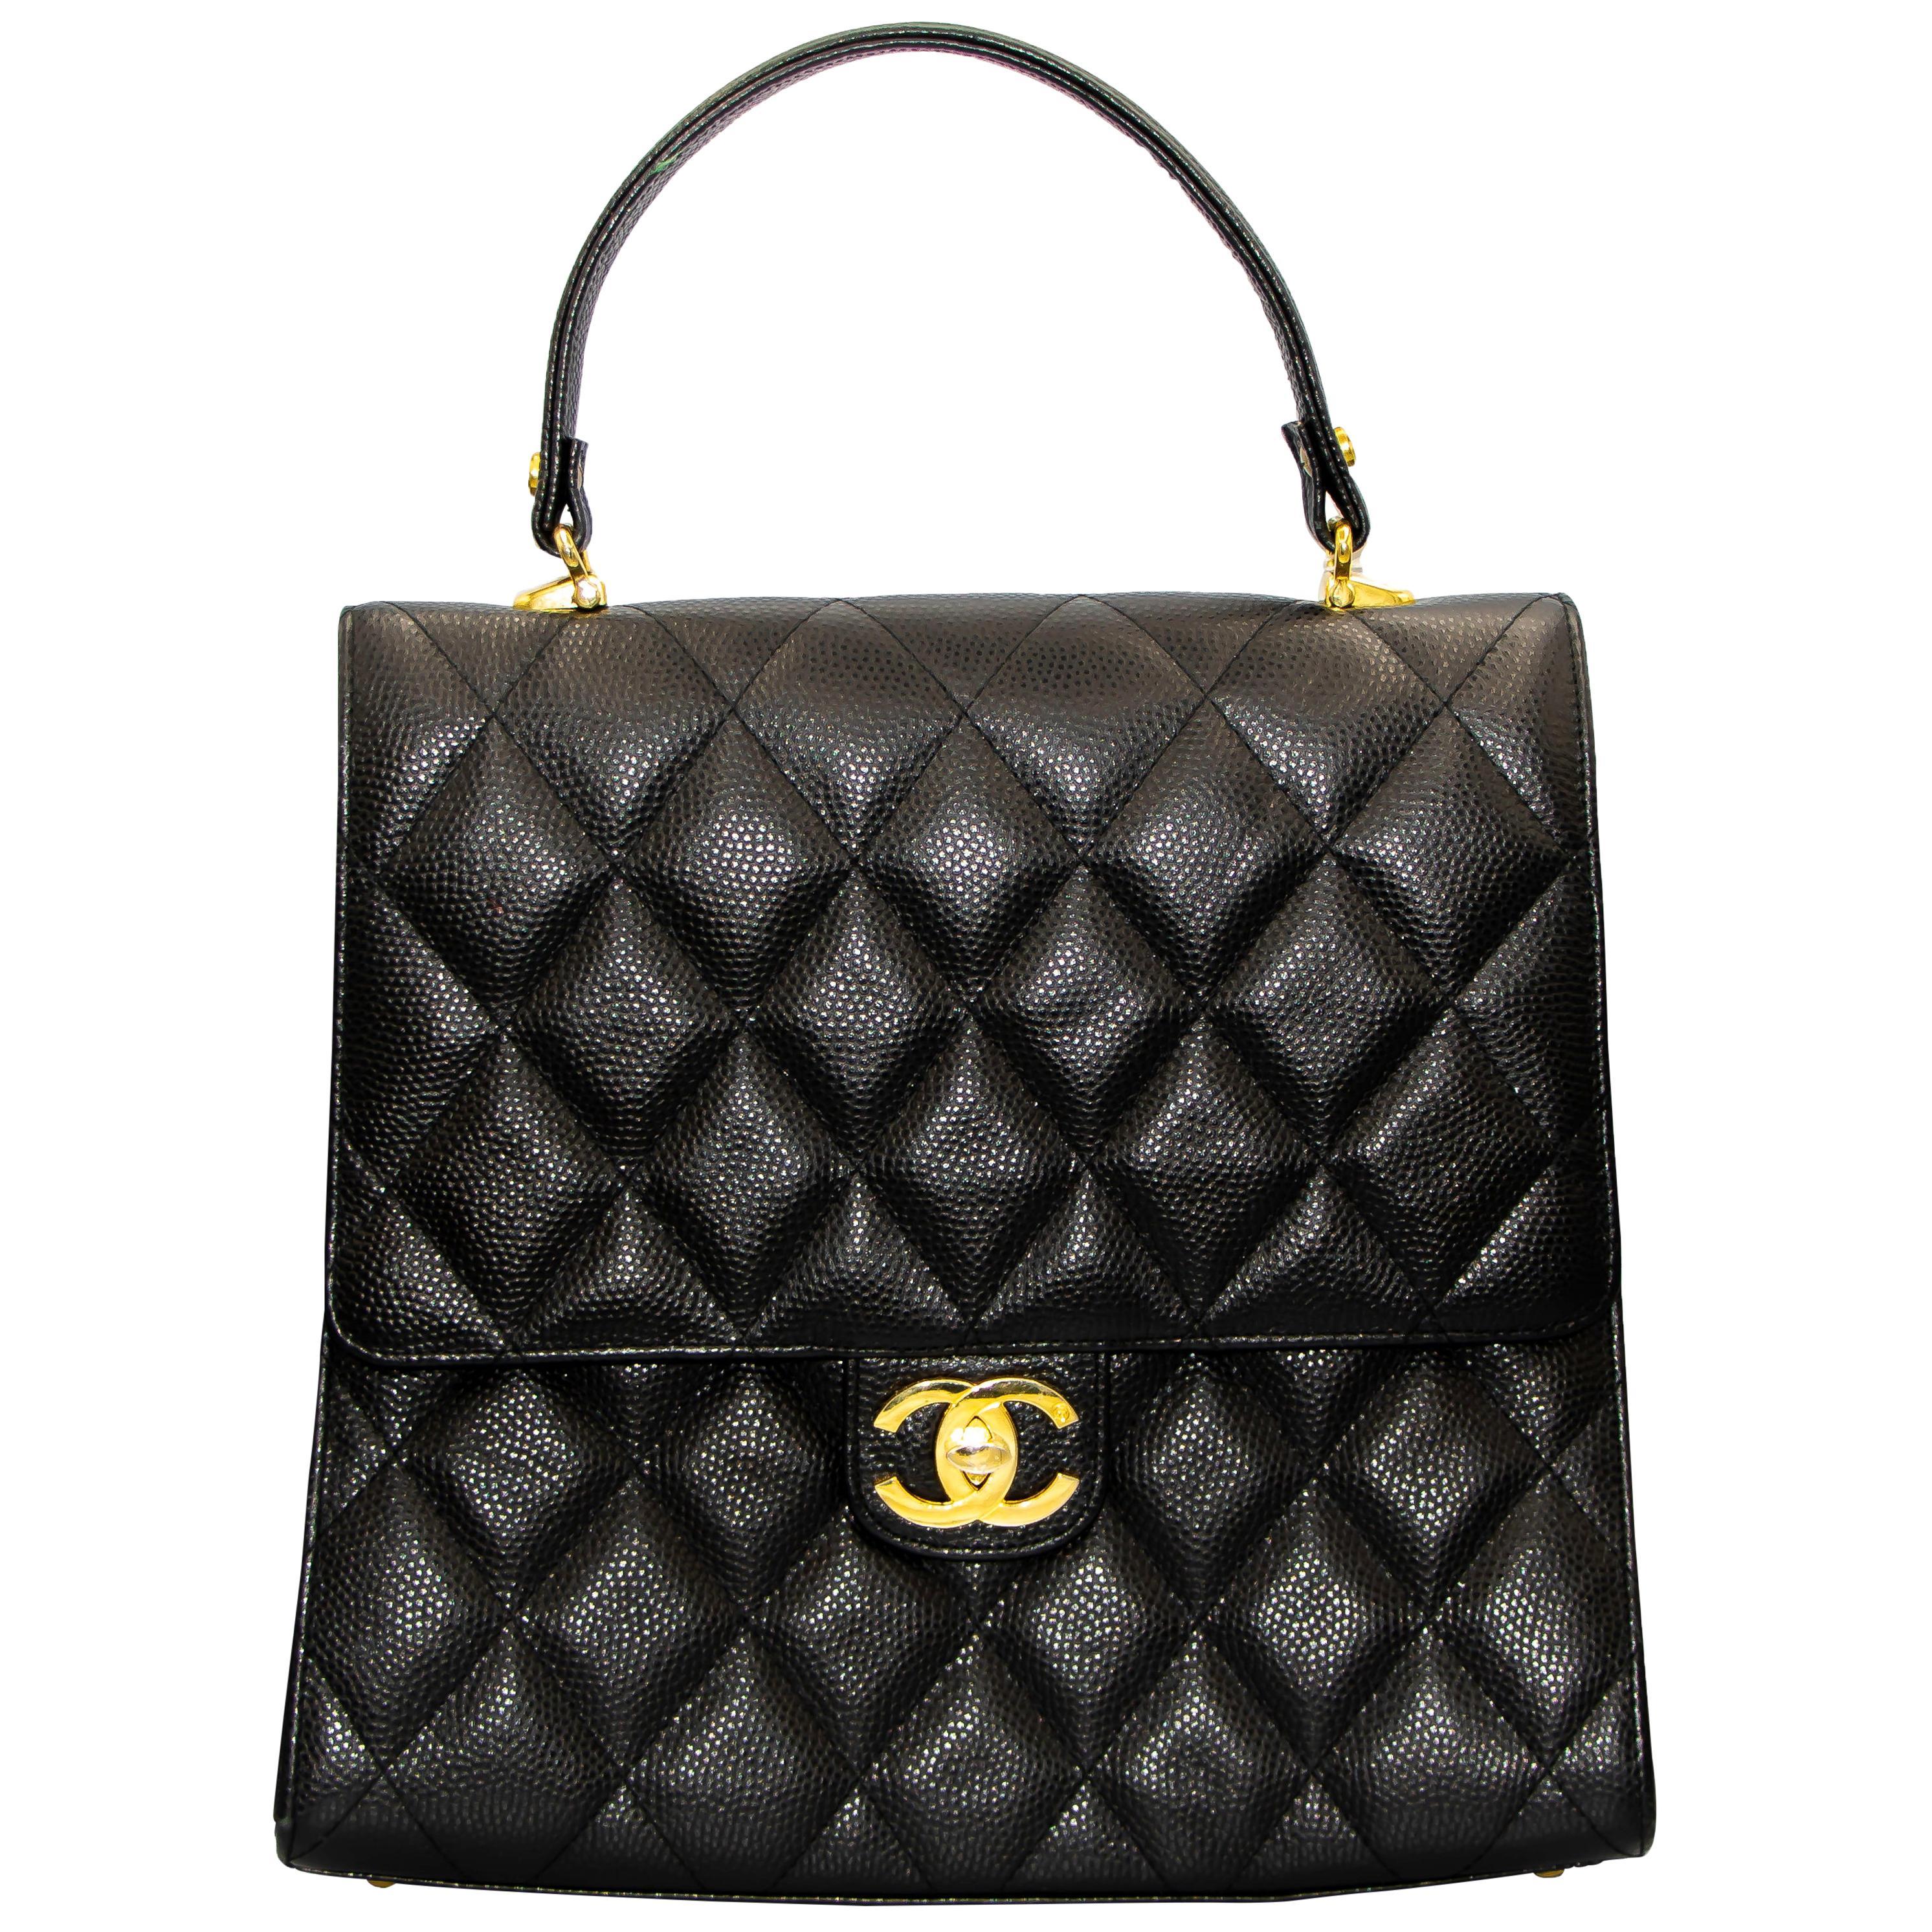 Brown Caviar Leather Chanel Handbag